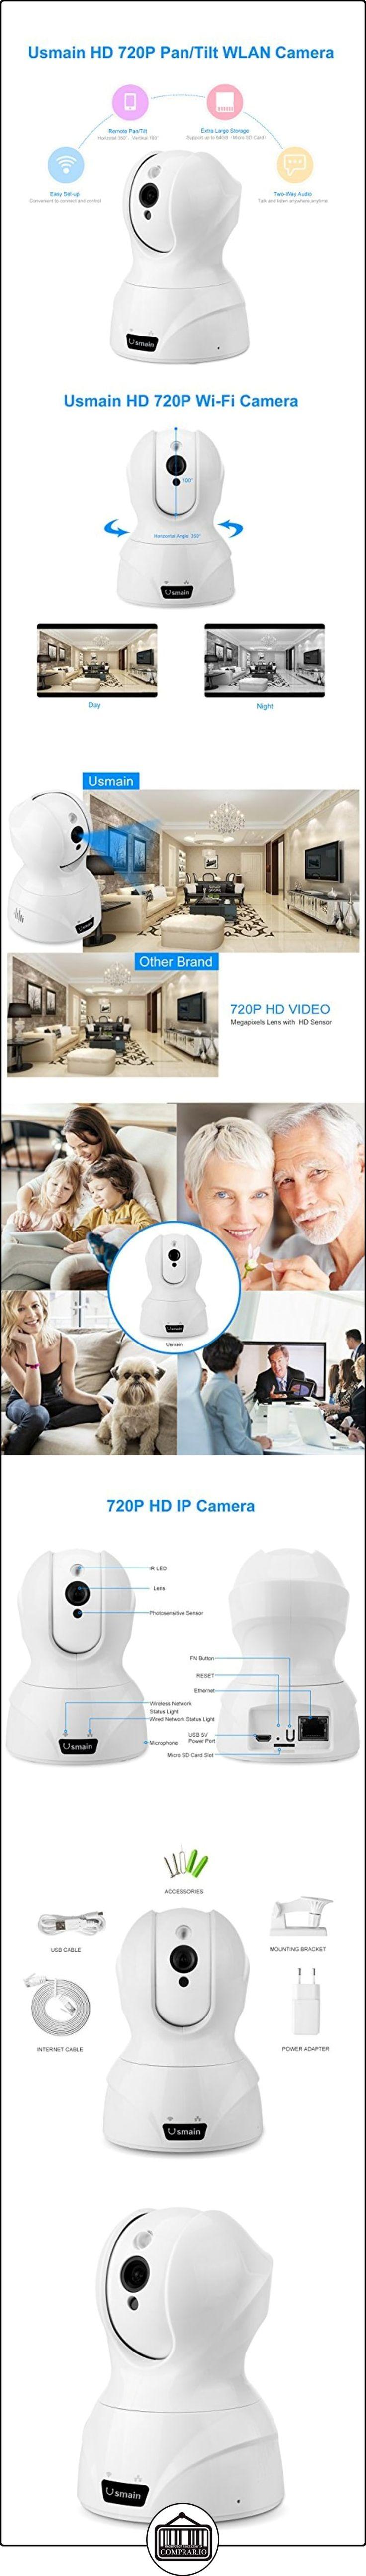 Usmain HD 720P WiFi Monitor de Bebé para Interiores con Panorámica y Cabeceo Cámara IP Inalámbrica de Vigilancia/Cámara de Seguridad para el Hogar con Infrarojos y Vision Nocturna, Detector de Movimiento, Video Remote y Studio Incorporamicrófono y Ranura para MicroSD  ✿ Vigilabebés - Seguridad ✿ ▬► Ver oferta: http://comprar.io/goto/B01KI2BC1K